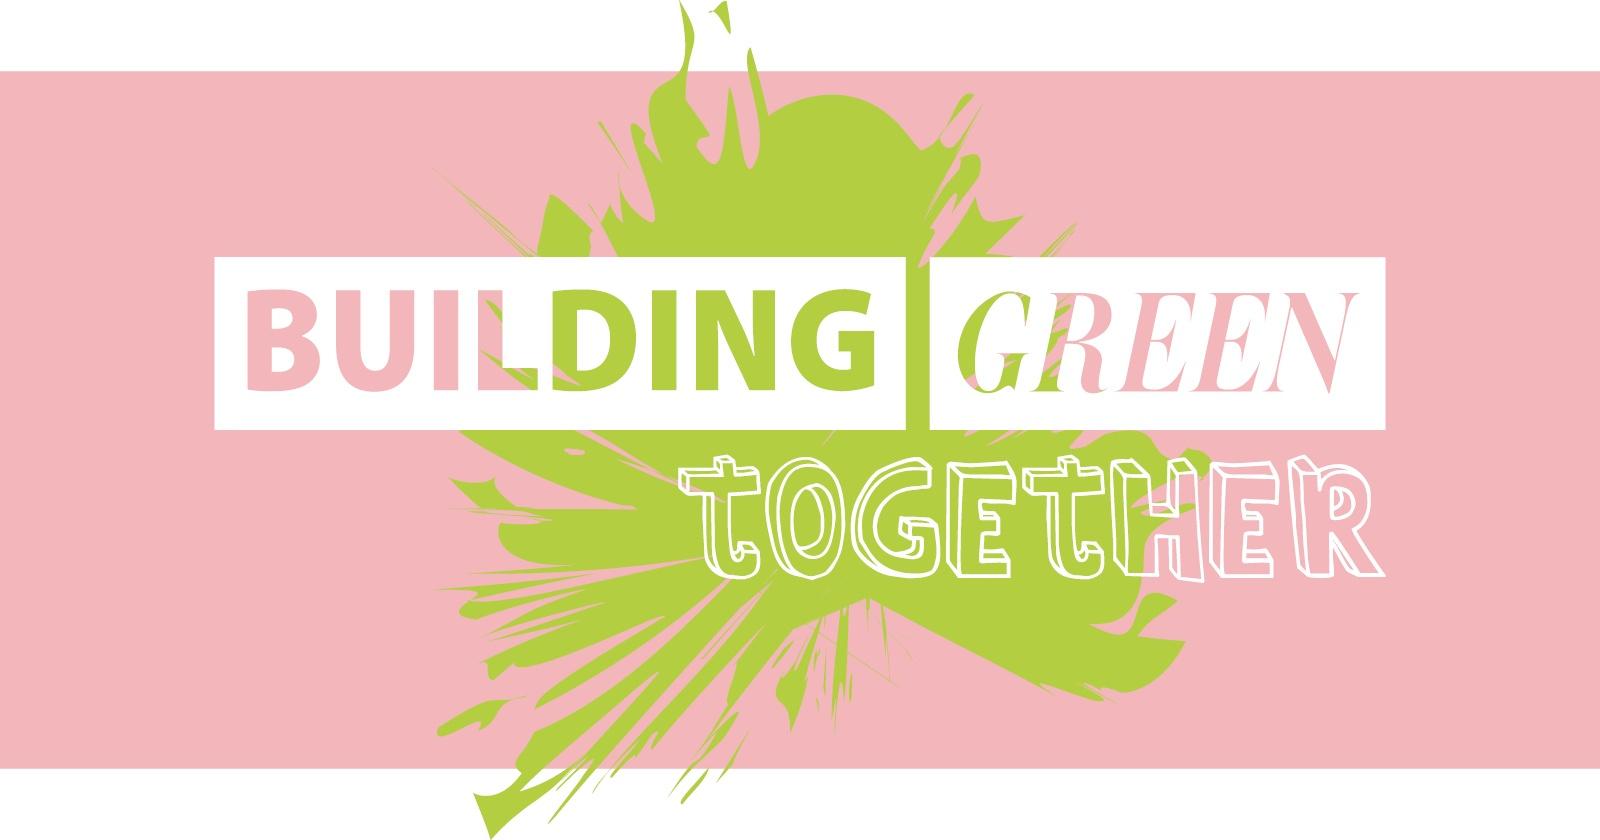 Building Green er ikke aflyst, men vi gør noget andet!